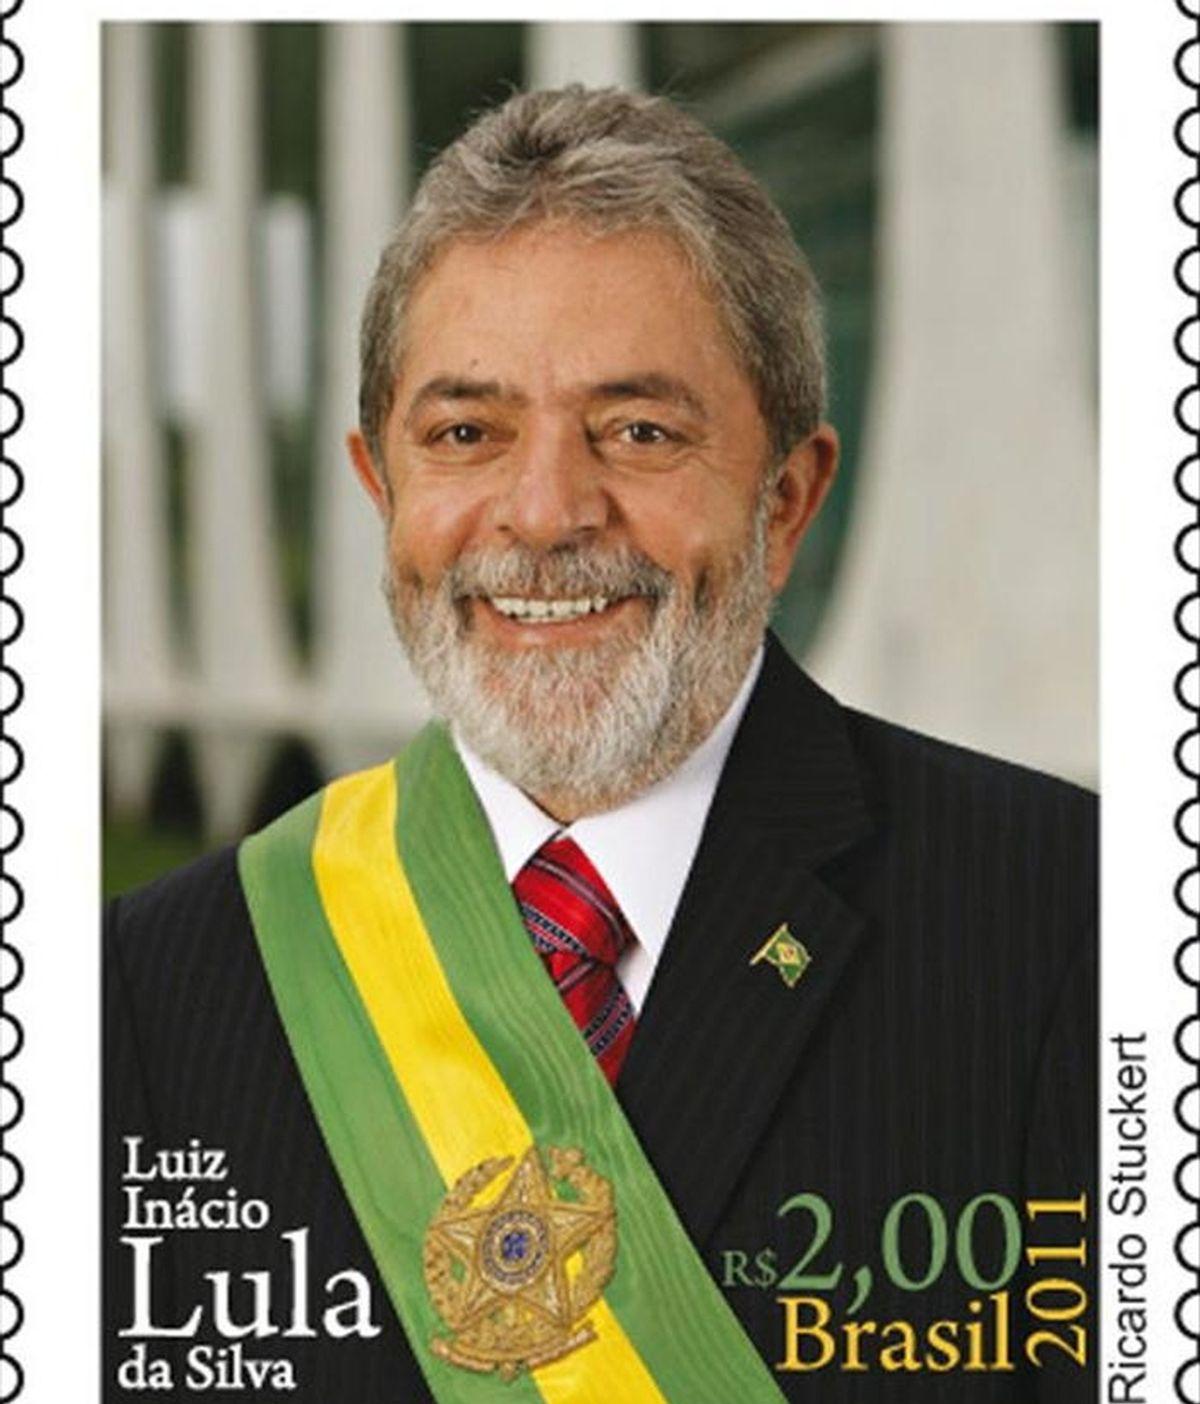 Fotografía cedida el lunes 10 de enero de 2011, en la que se observa un ejemplar de una serie limitada de sellos con la imagen del ex presidente Luiz Inácio Lula da Silva emitida por los Correos de Brasil. EFE